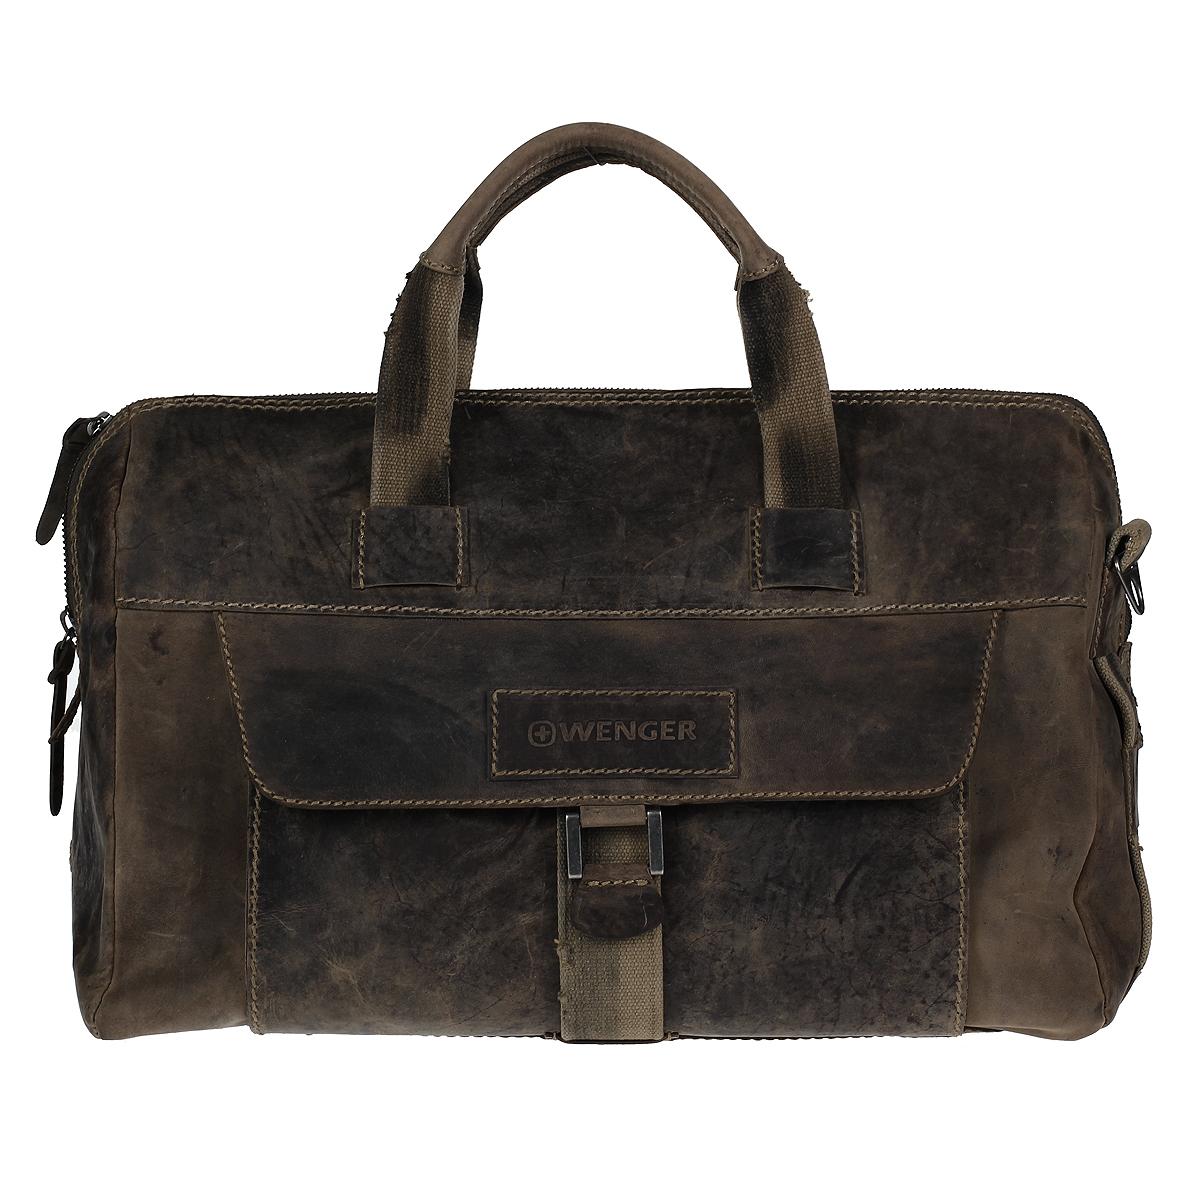 Сумка дорожная мужская Wenger Stonehide, цвет: светло-коричневый. W16-09W16-09Мужская дорожная сумка в стиле casual Wenger Stonehide изготовлена из высококачественной натуральной кожи светло-коричневого цвета. Кожа серии Stonehide - это крепкая, эластичная бычья кожа, обработанная по традиционной технологии - грубые швы, состаренные ремни. Потертый внешний вид делает изделие уникальным и создает специфический эффект старины. Сумка по всей поверхности оформлена стежками бежевого цвета. Сумка имеет одно основное отделение, которое закрывается на застежку-молнию. Внутри содержится два накладных кармашка, два держателя для ручек, вшитый карман на молнии и 6 кармашков для пластиковых карт или визиток. Внутренняя поверхность отделана полиэстером коричневого цвета. С лицевой стороны сумки расположено отделение для планшета, закрывающееся клапаном на магнитную кнопку. С задней стороны сумки расположено дополнительное отделение на молнии. Изделие оснащено двумя удобными короткими ручками и отстегивающимся плечевым ремнем регулируемой длины из плотного...